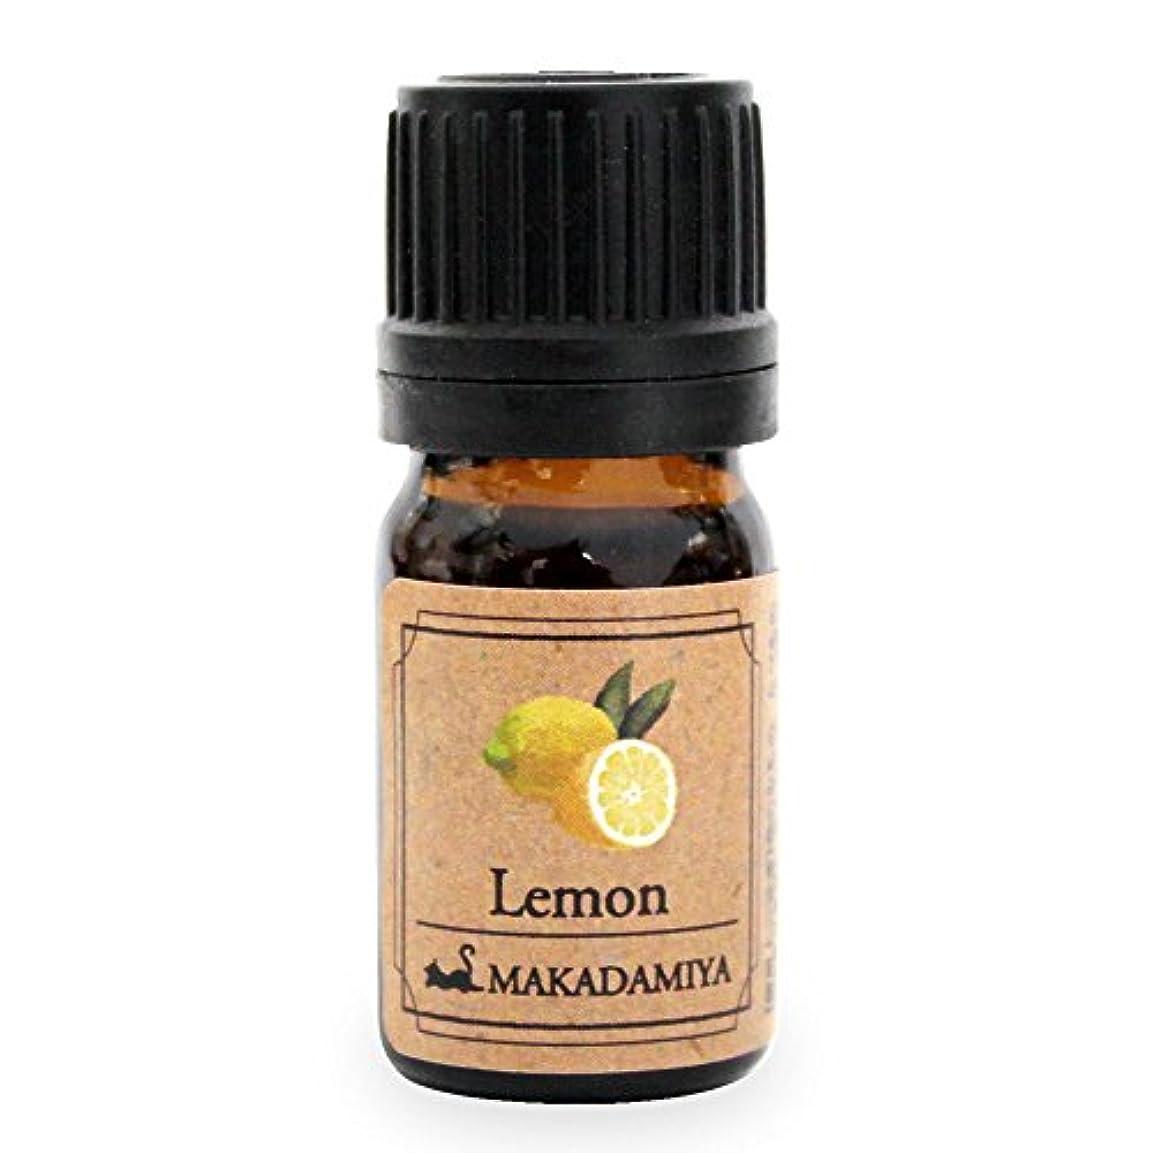 悲惨納屋ファンネルウェブスパイダーレモン5ml 天然100%植物性 エッセンシャルオイル(精油) アロマオイル アロママッサージ aroma Lemon